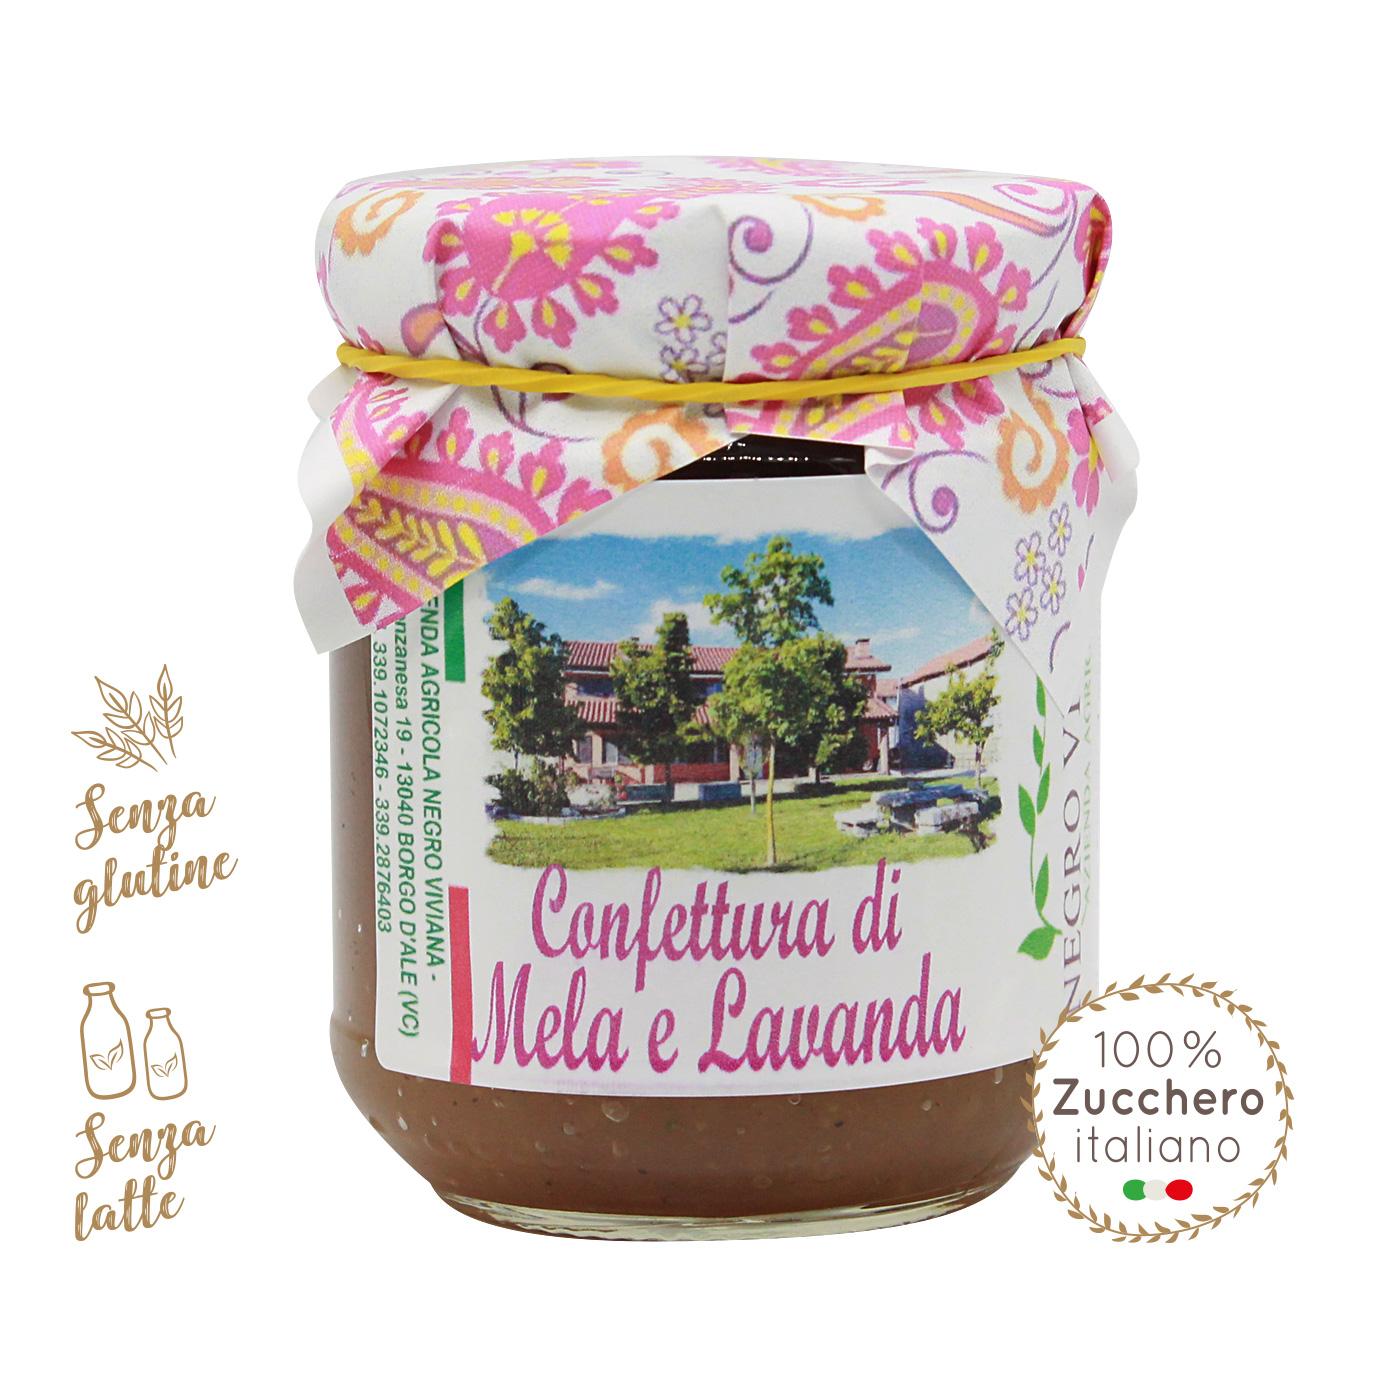 Confettura di mela e lavanda   Azienda Agricola Negro Viviana